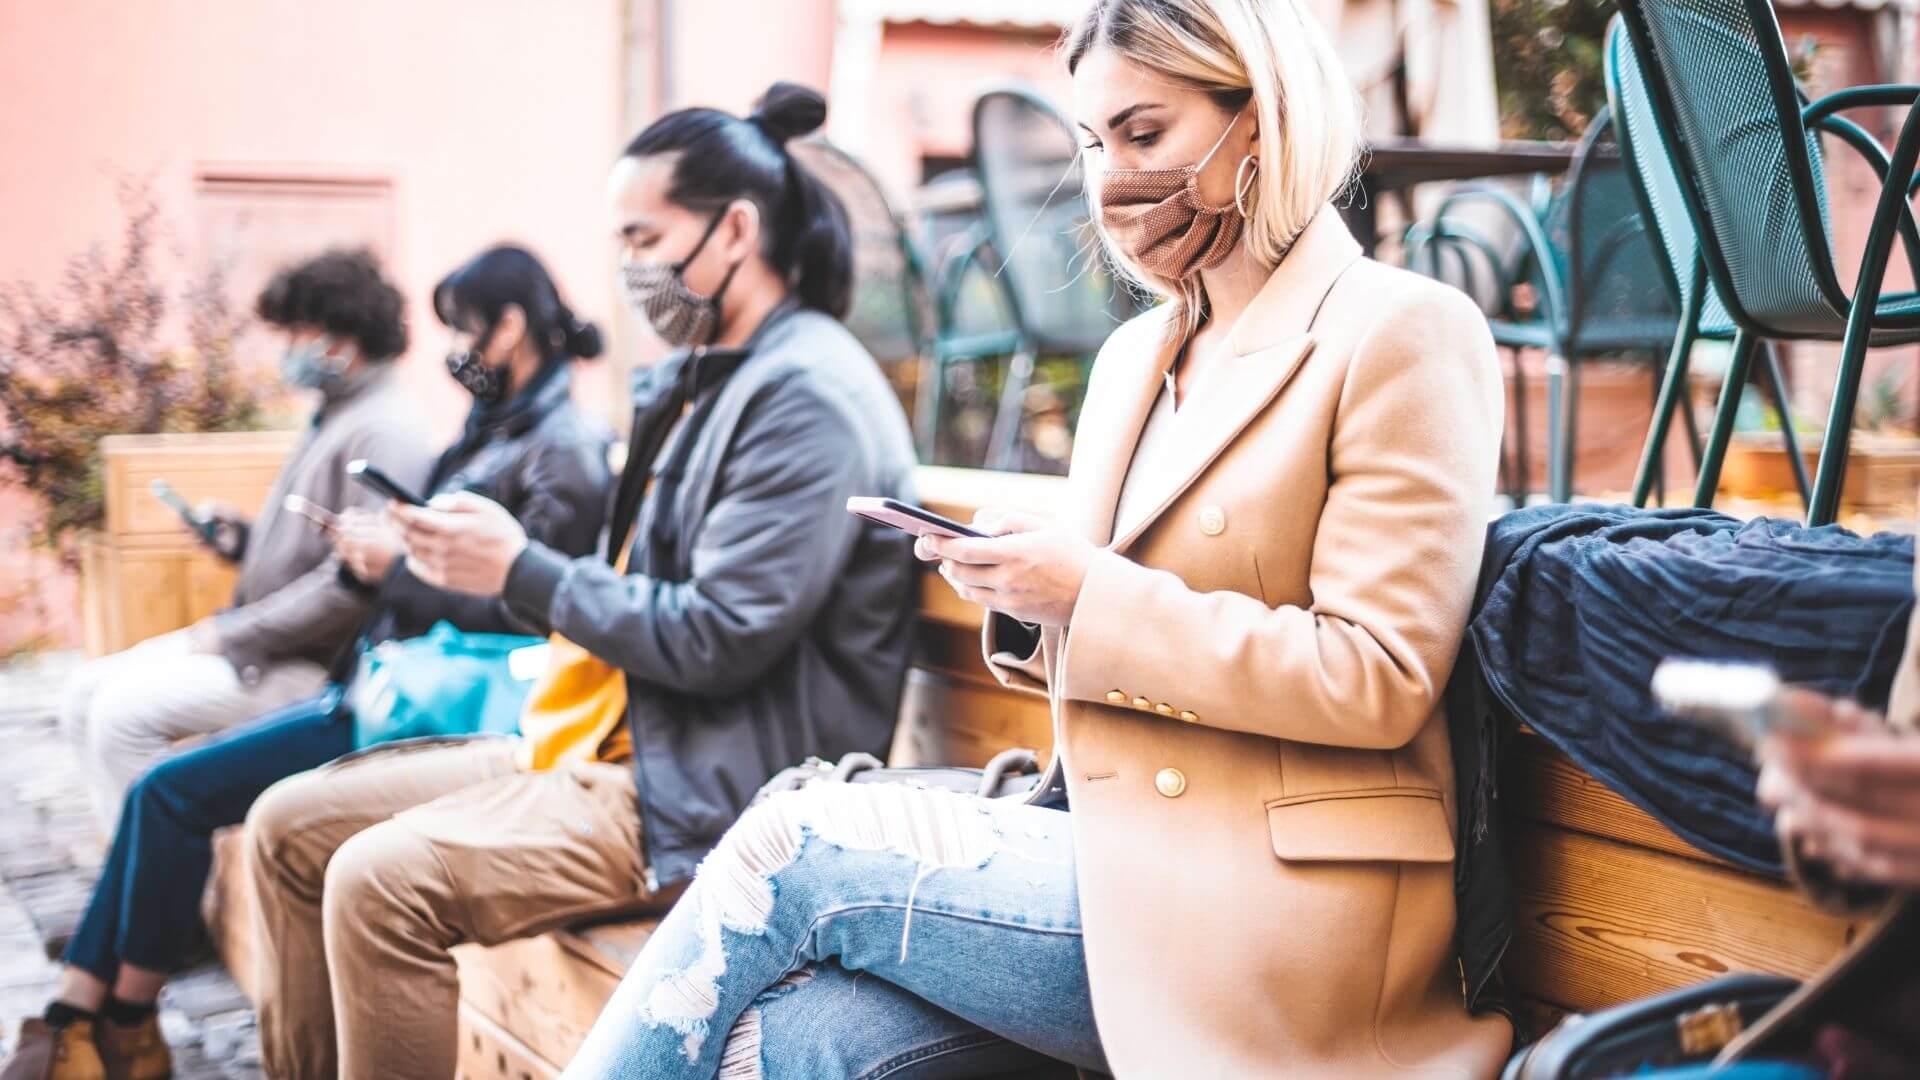 Smartphone-Hüllen für mehr Schutz und ein schickes Design techboys.de • smarte News, auf den Punkt!